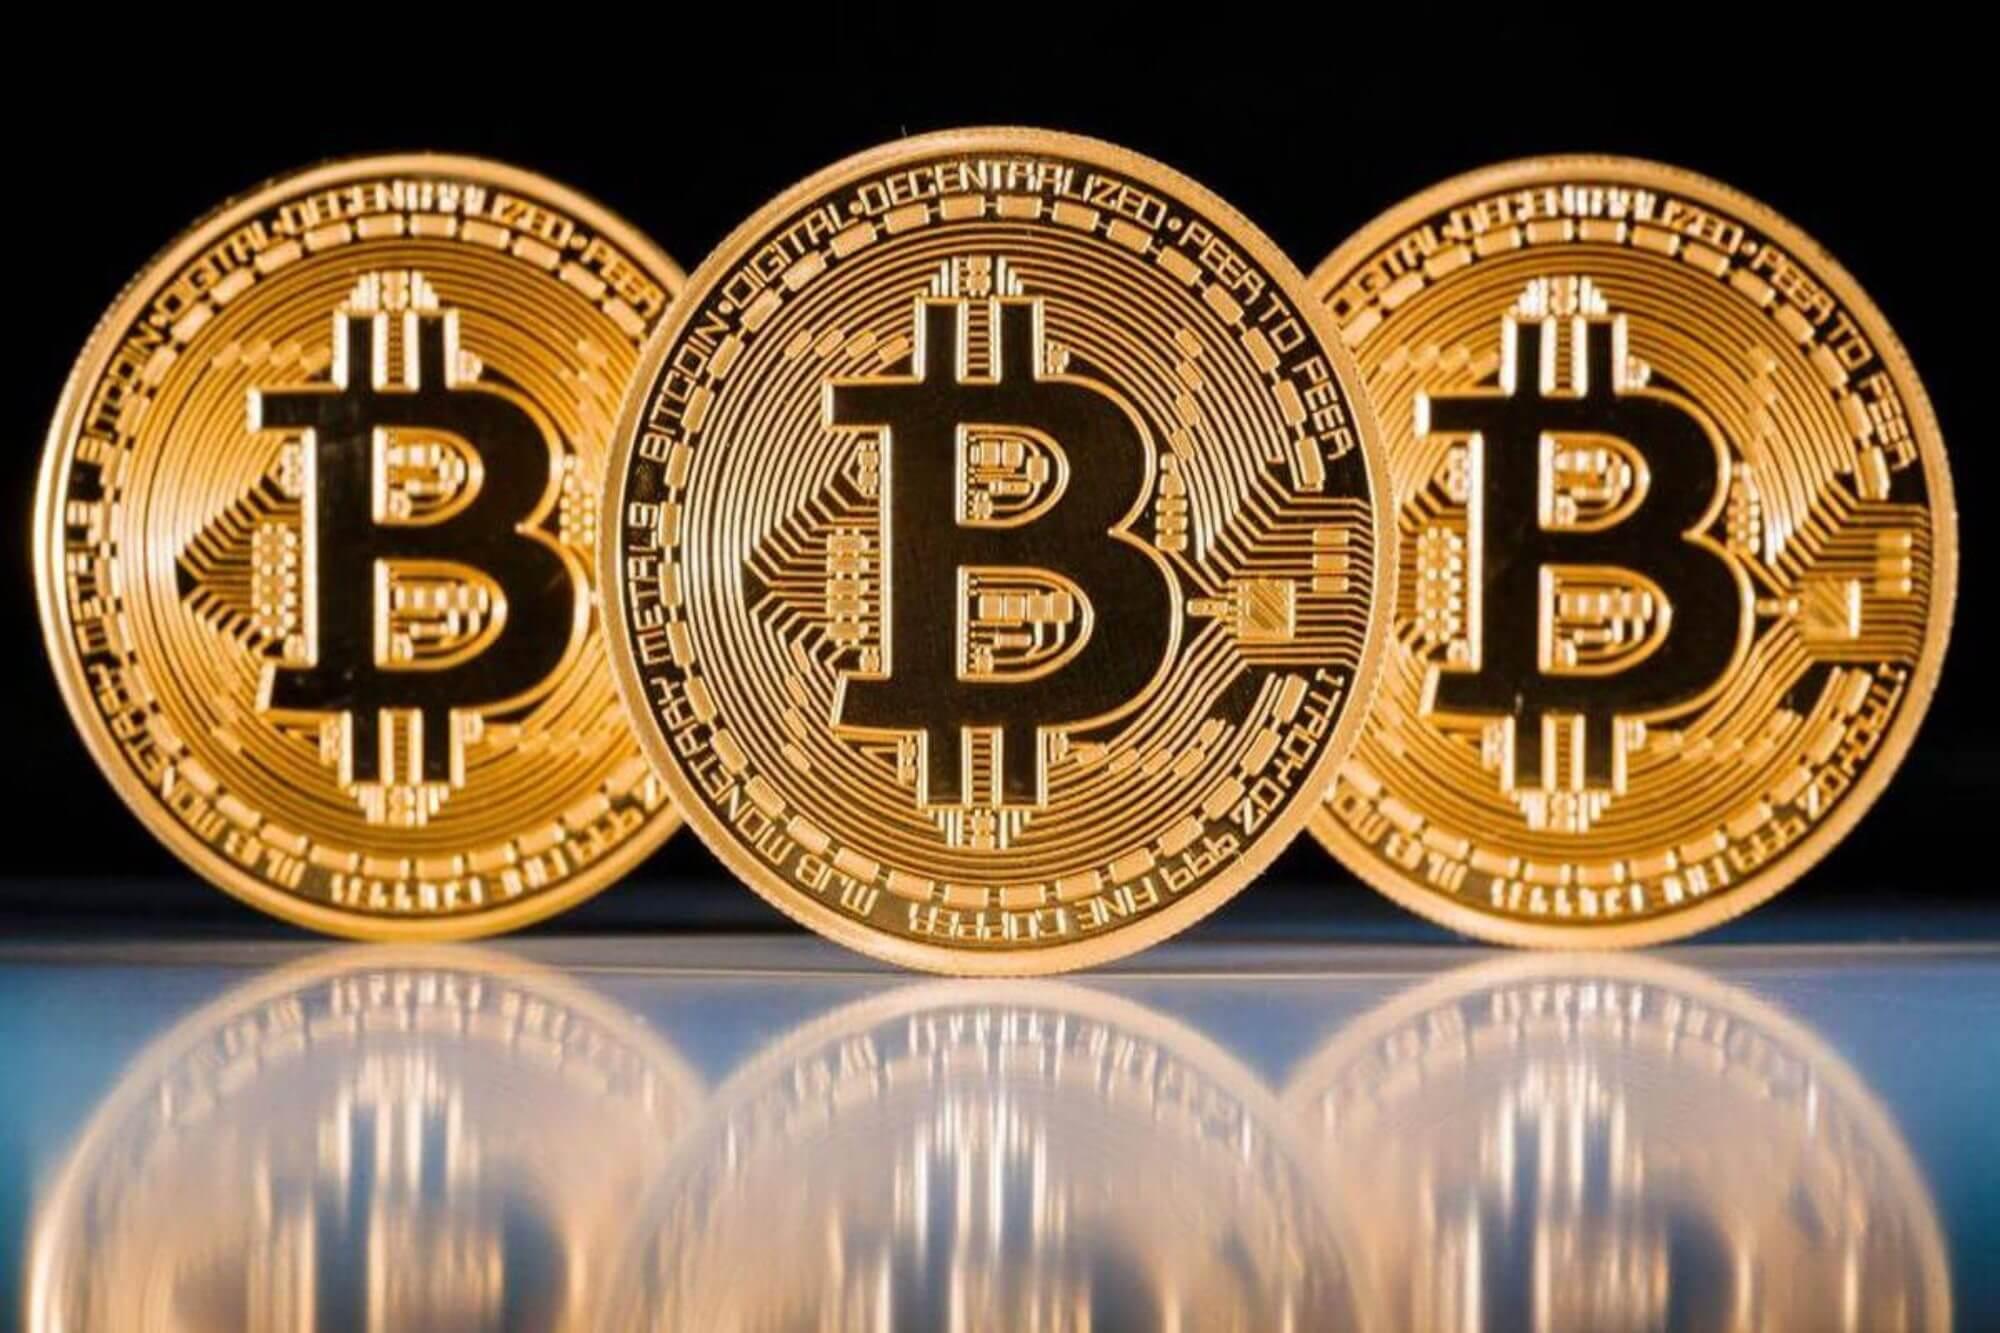 Dupla sertaneja começa a vender seus shows em bitcoin. João bosco e vinícius são o primeiro grupo a comercializar suas apresentações com a moeda virtual.